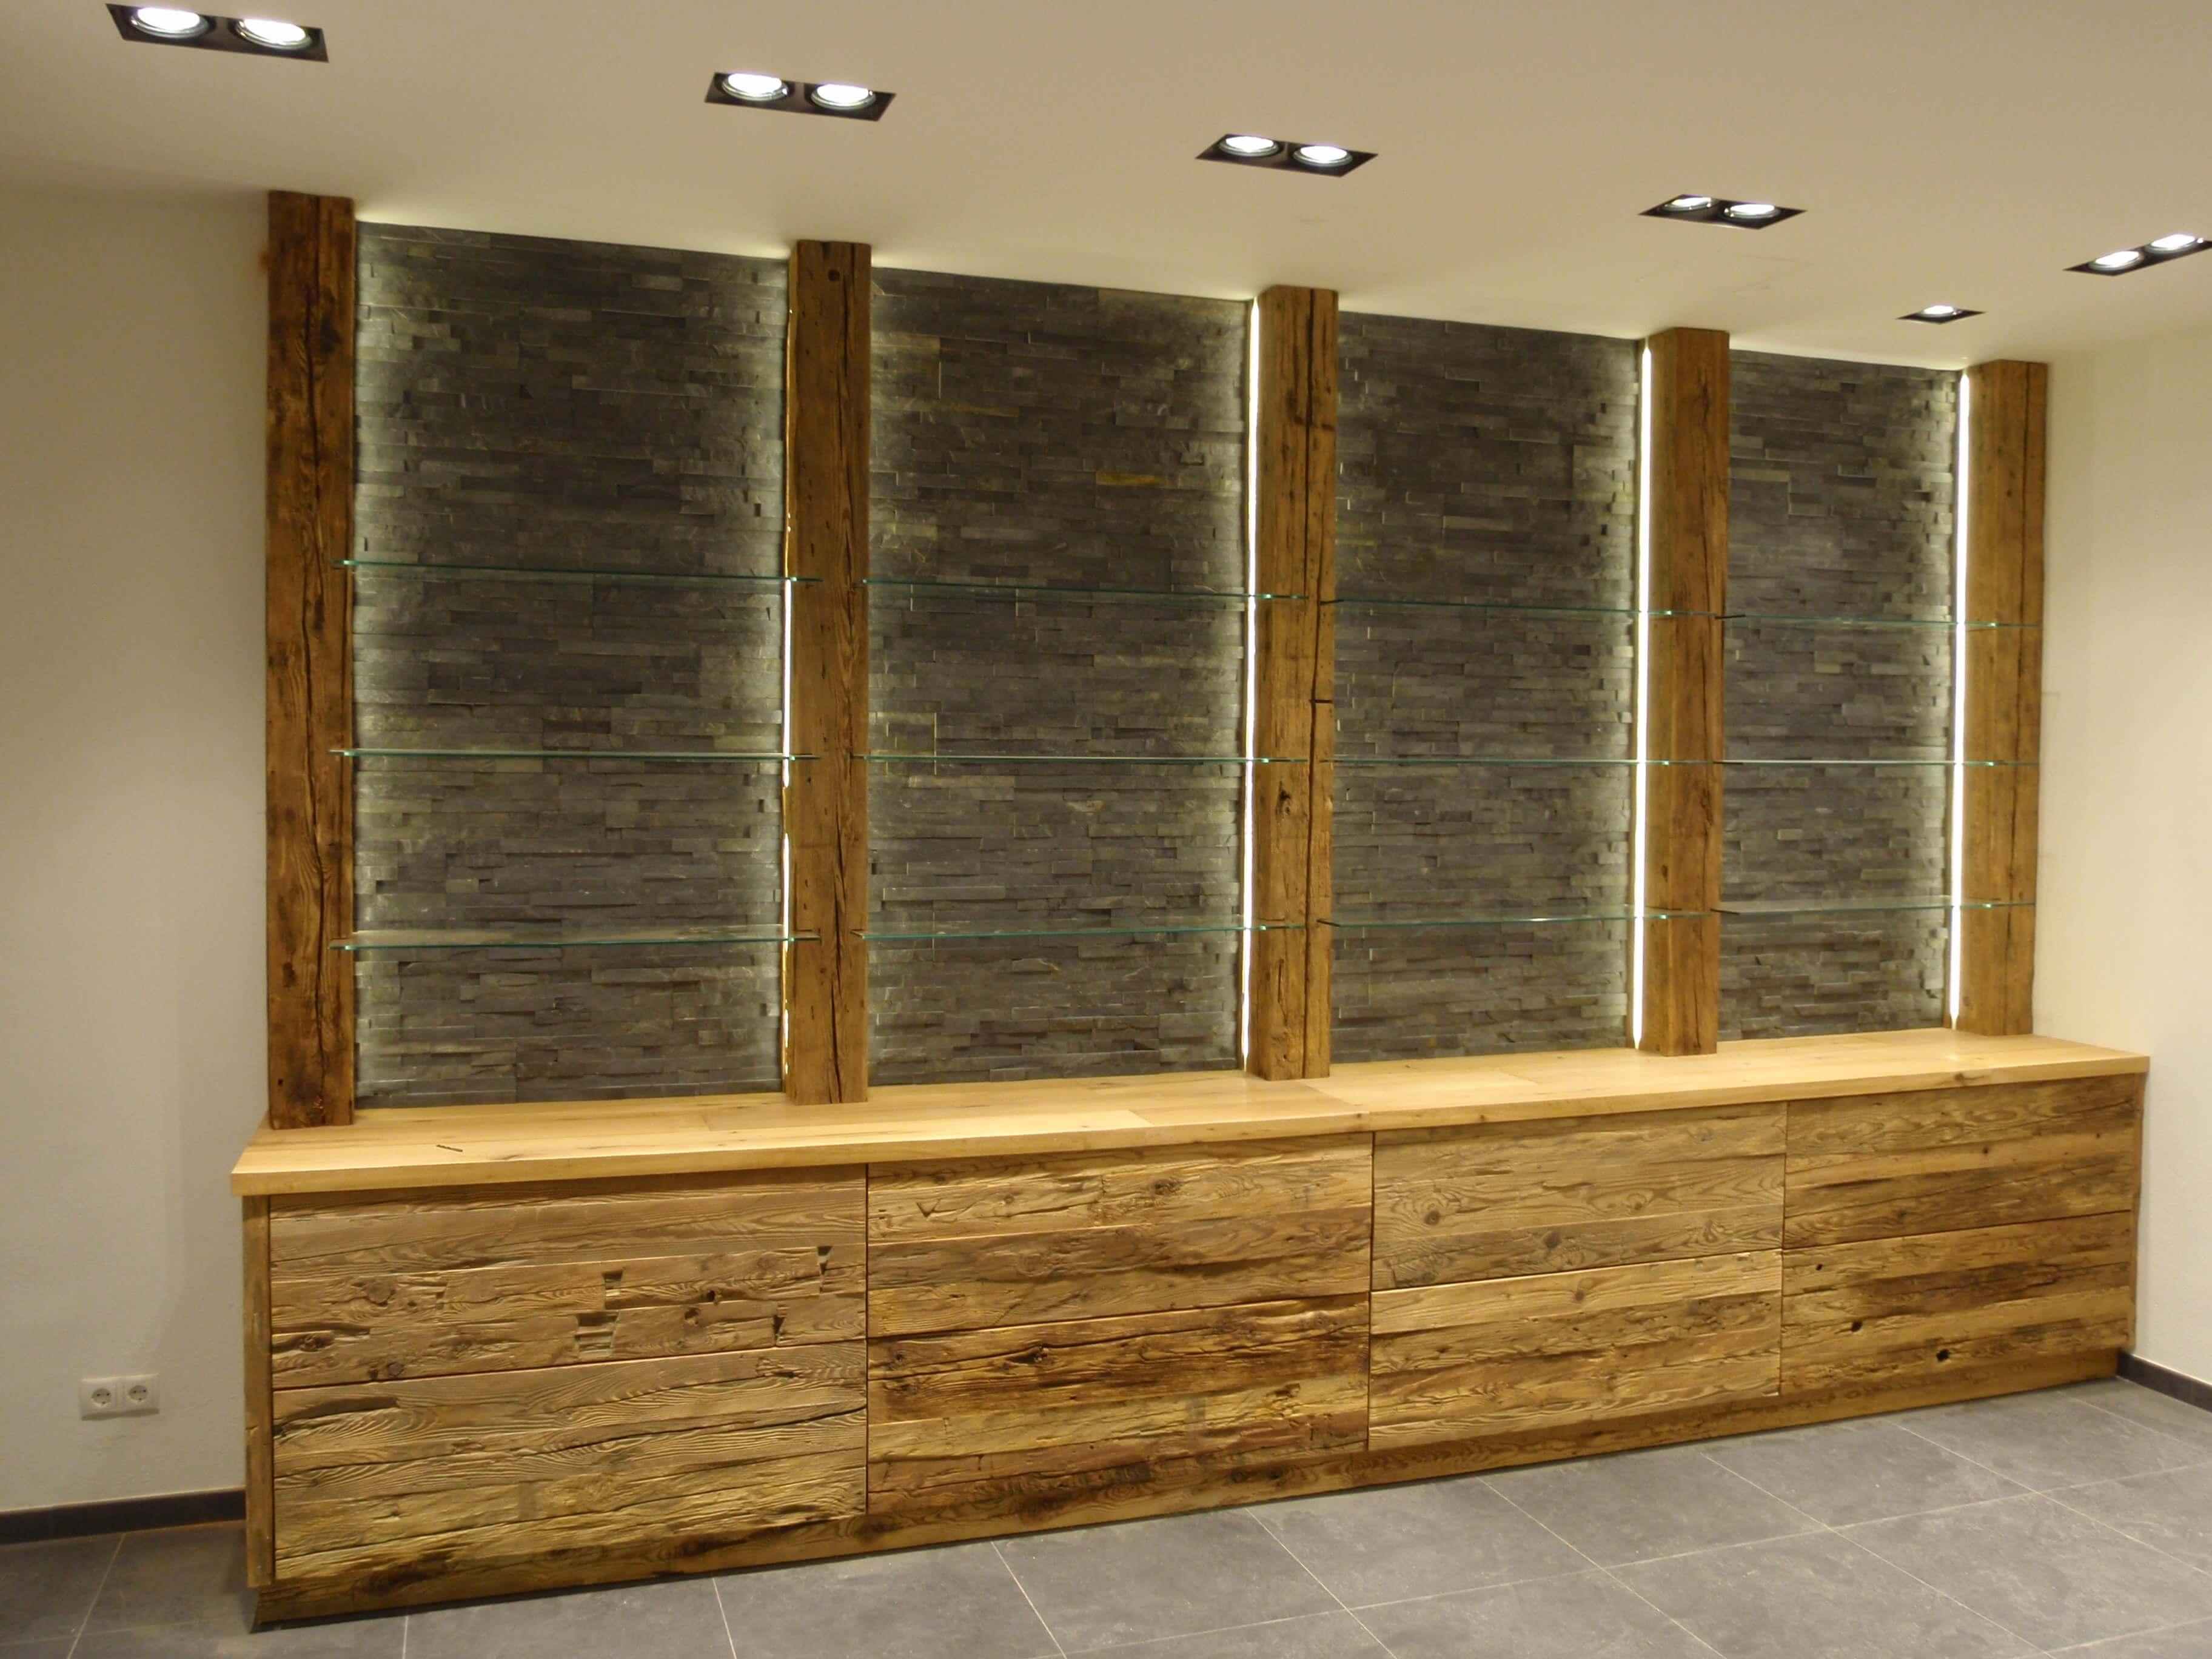 spezialanfertigungen-design-stein-villach-winkler-natursteine (12)